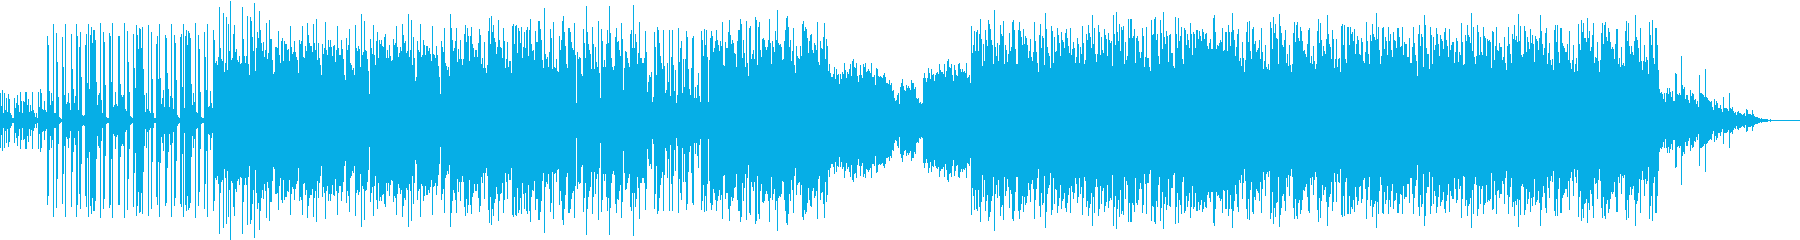 流行りのLo-FI !!の再生済みの波形